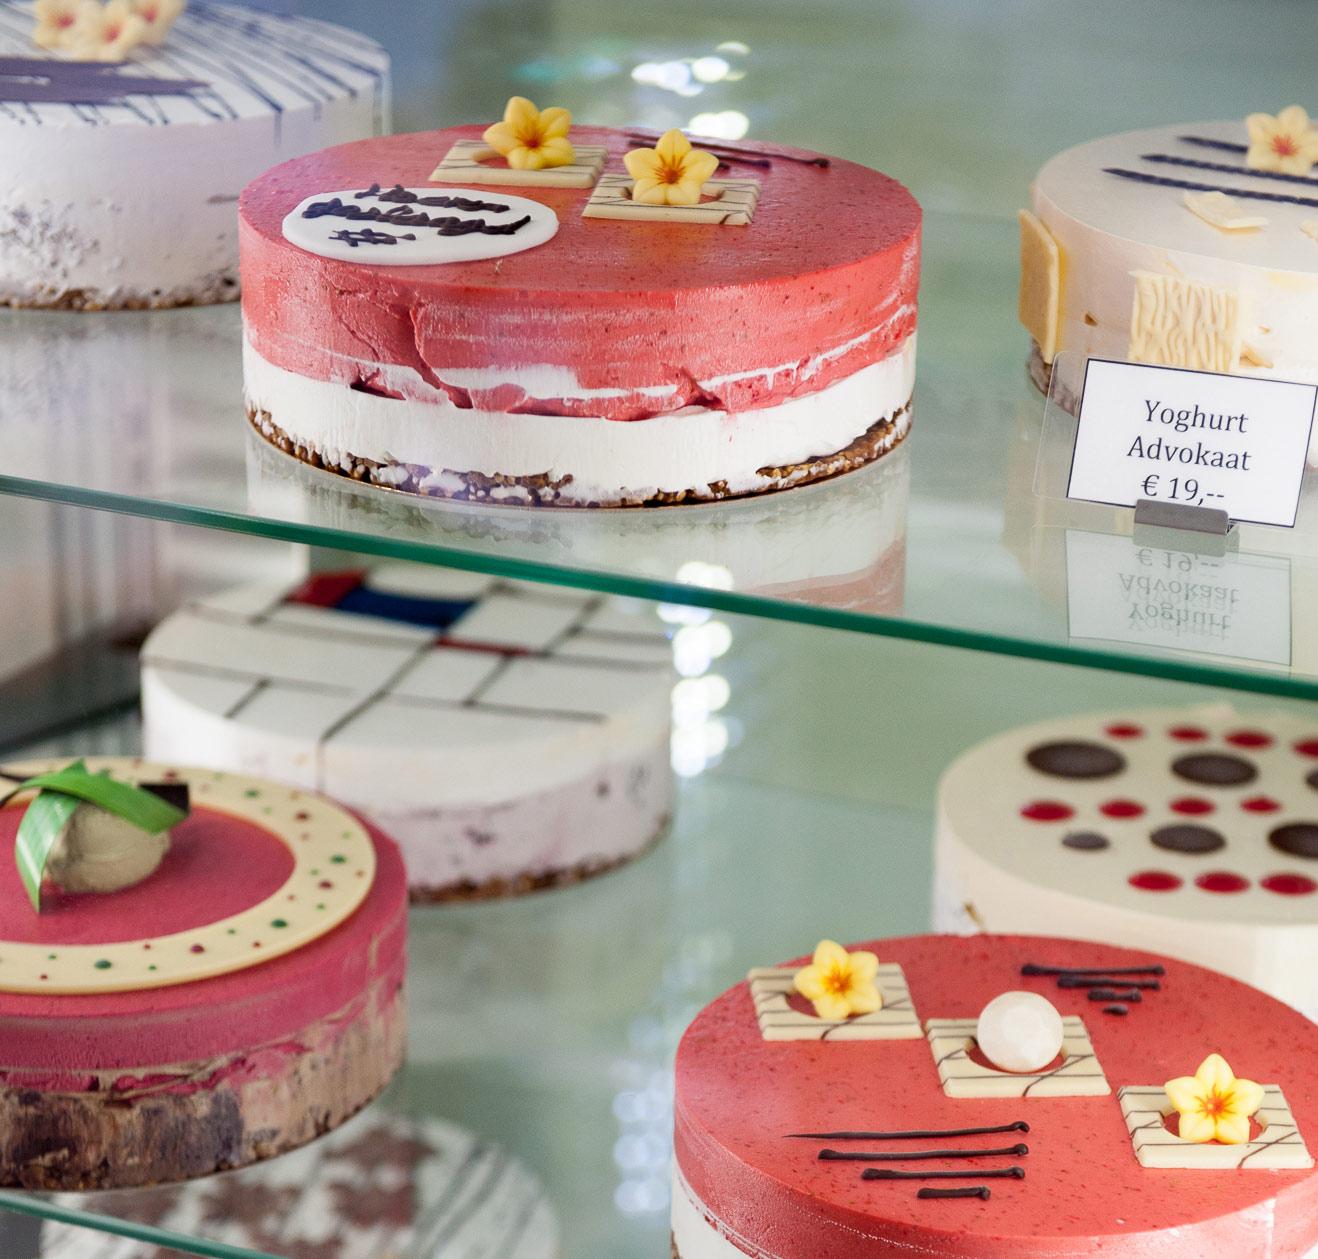 ijstaarten - taarten voor iets lekkers bij LKKR ijssalon